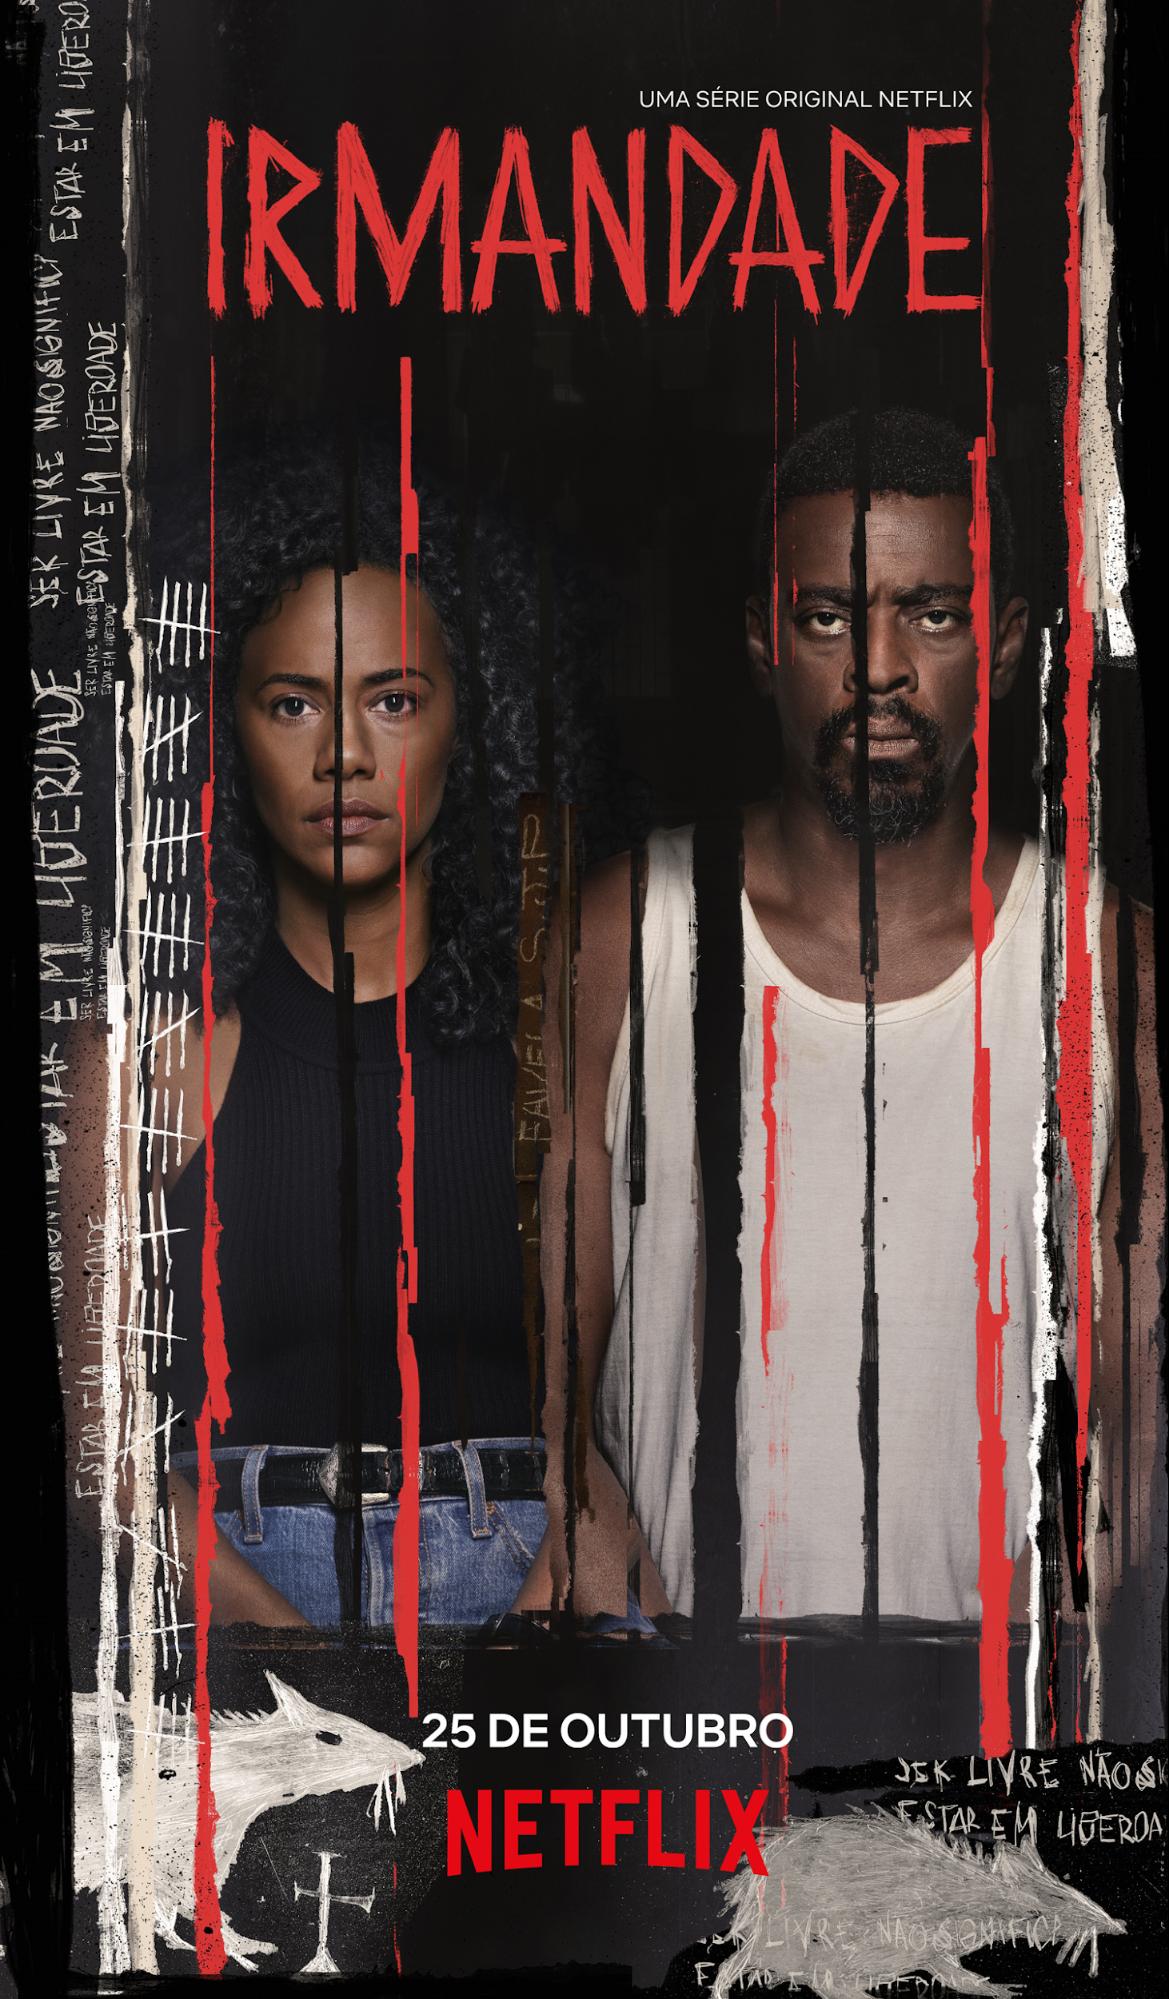 Irmandade, série da Netflix com Seu Jorge, ganha cartaz e data de estreia - 1